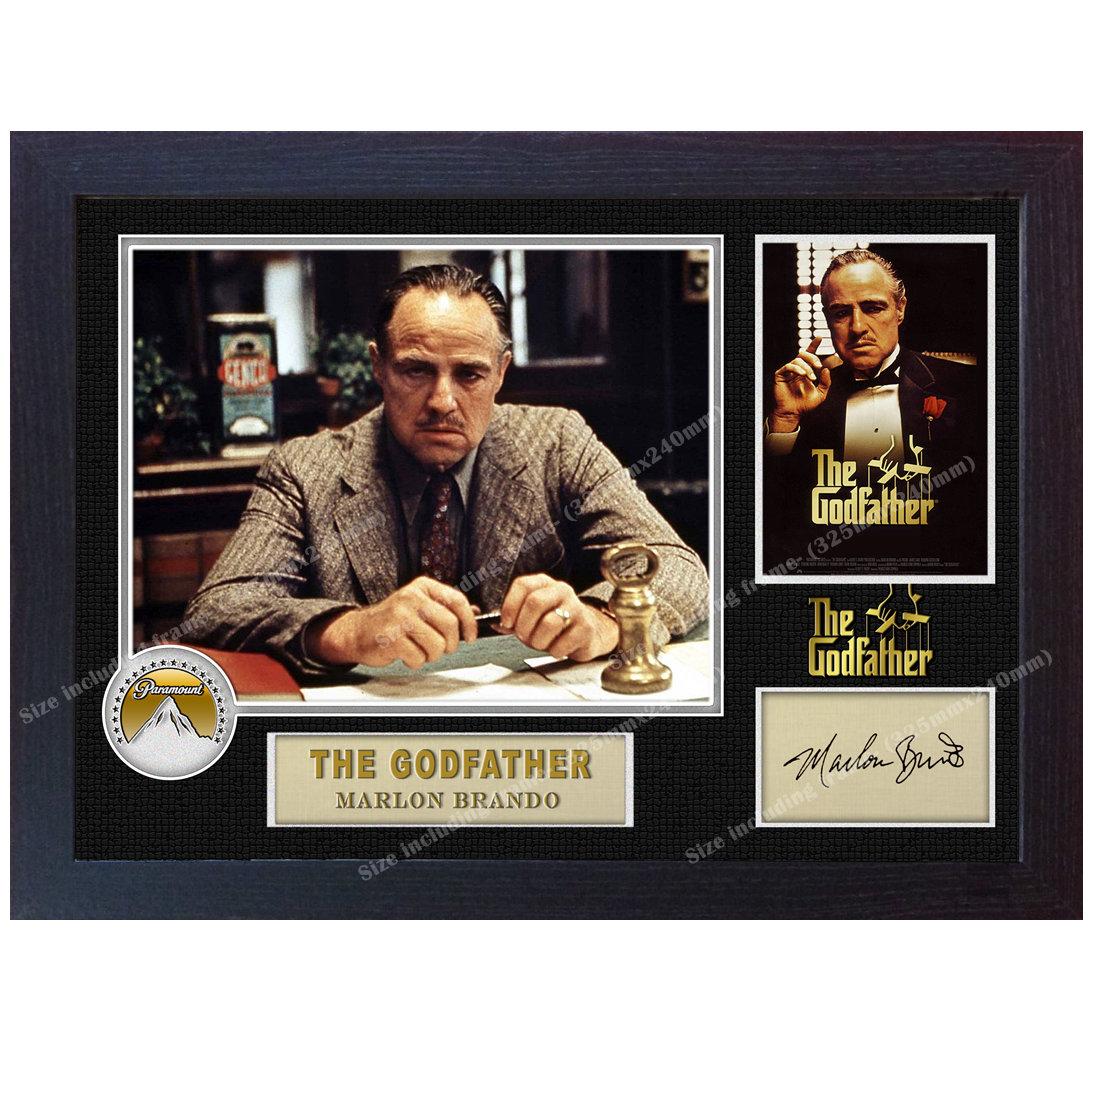 Der Pate signiert Marlon Brando Autogramm Plakat-Druck-Foto | Etsy